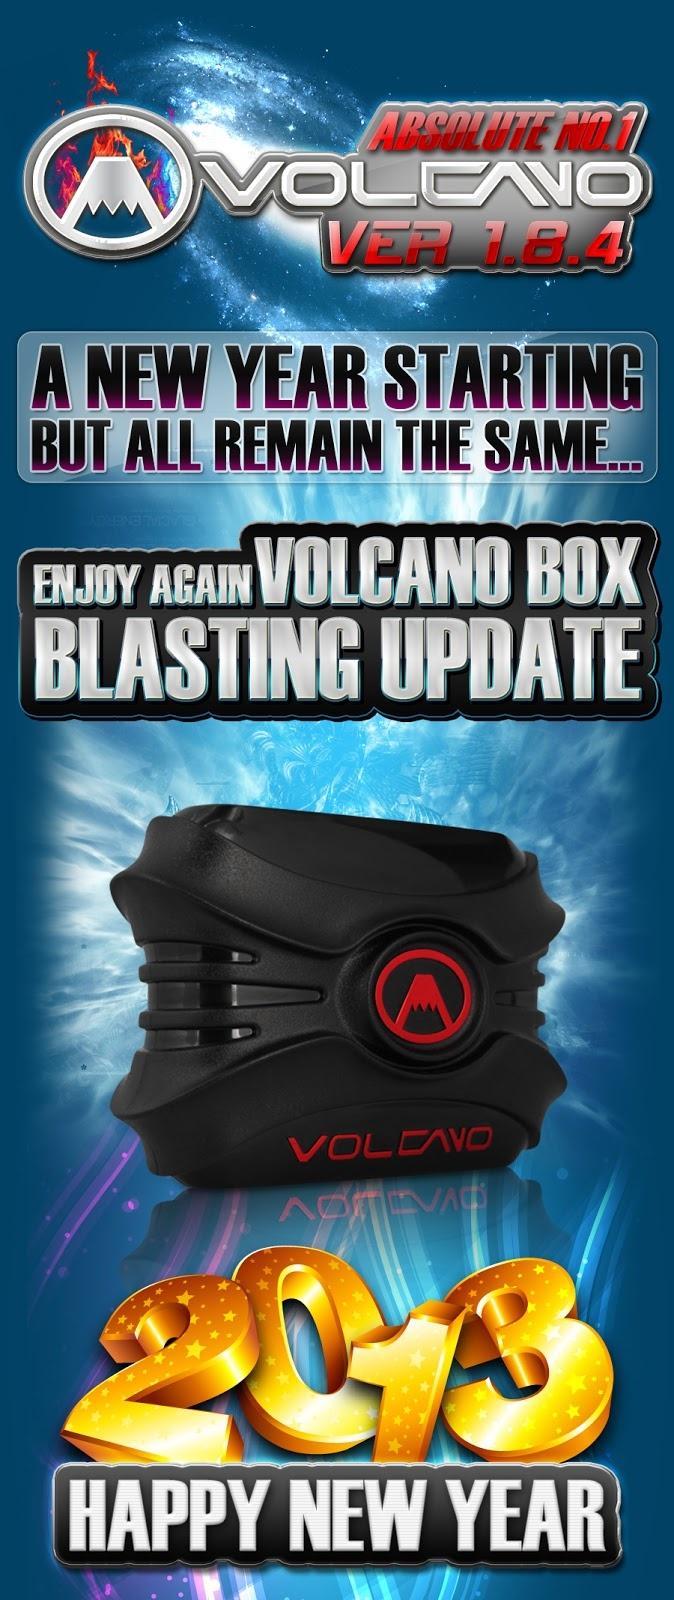 VolcanoBox 1st-Jan-2013 V1.8.4 | China Firmware